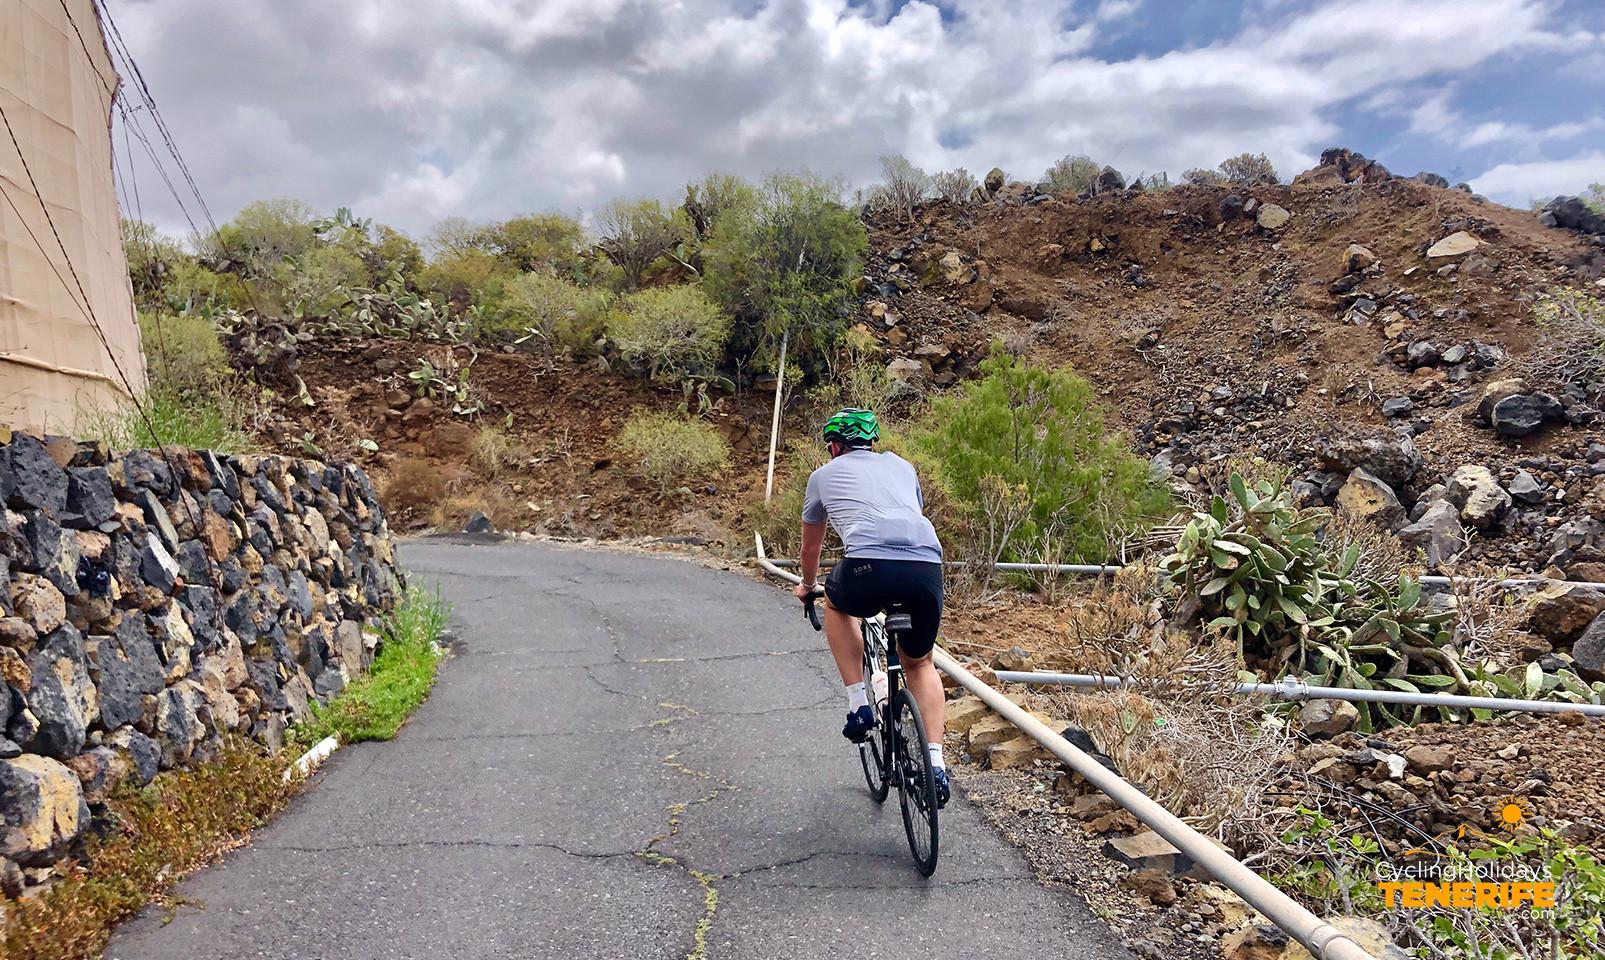 tenerife escursioni in bici.jpg